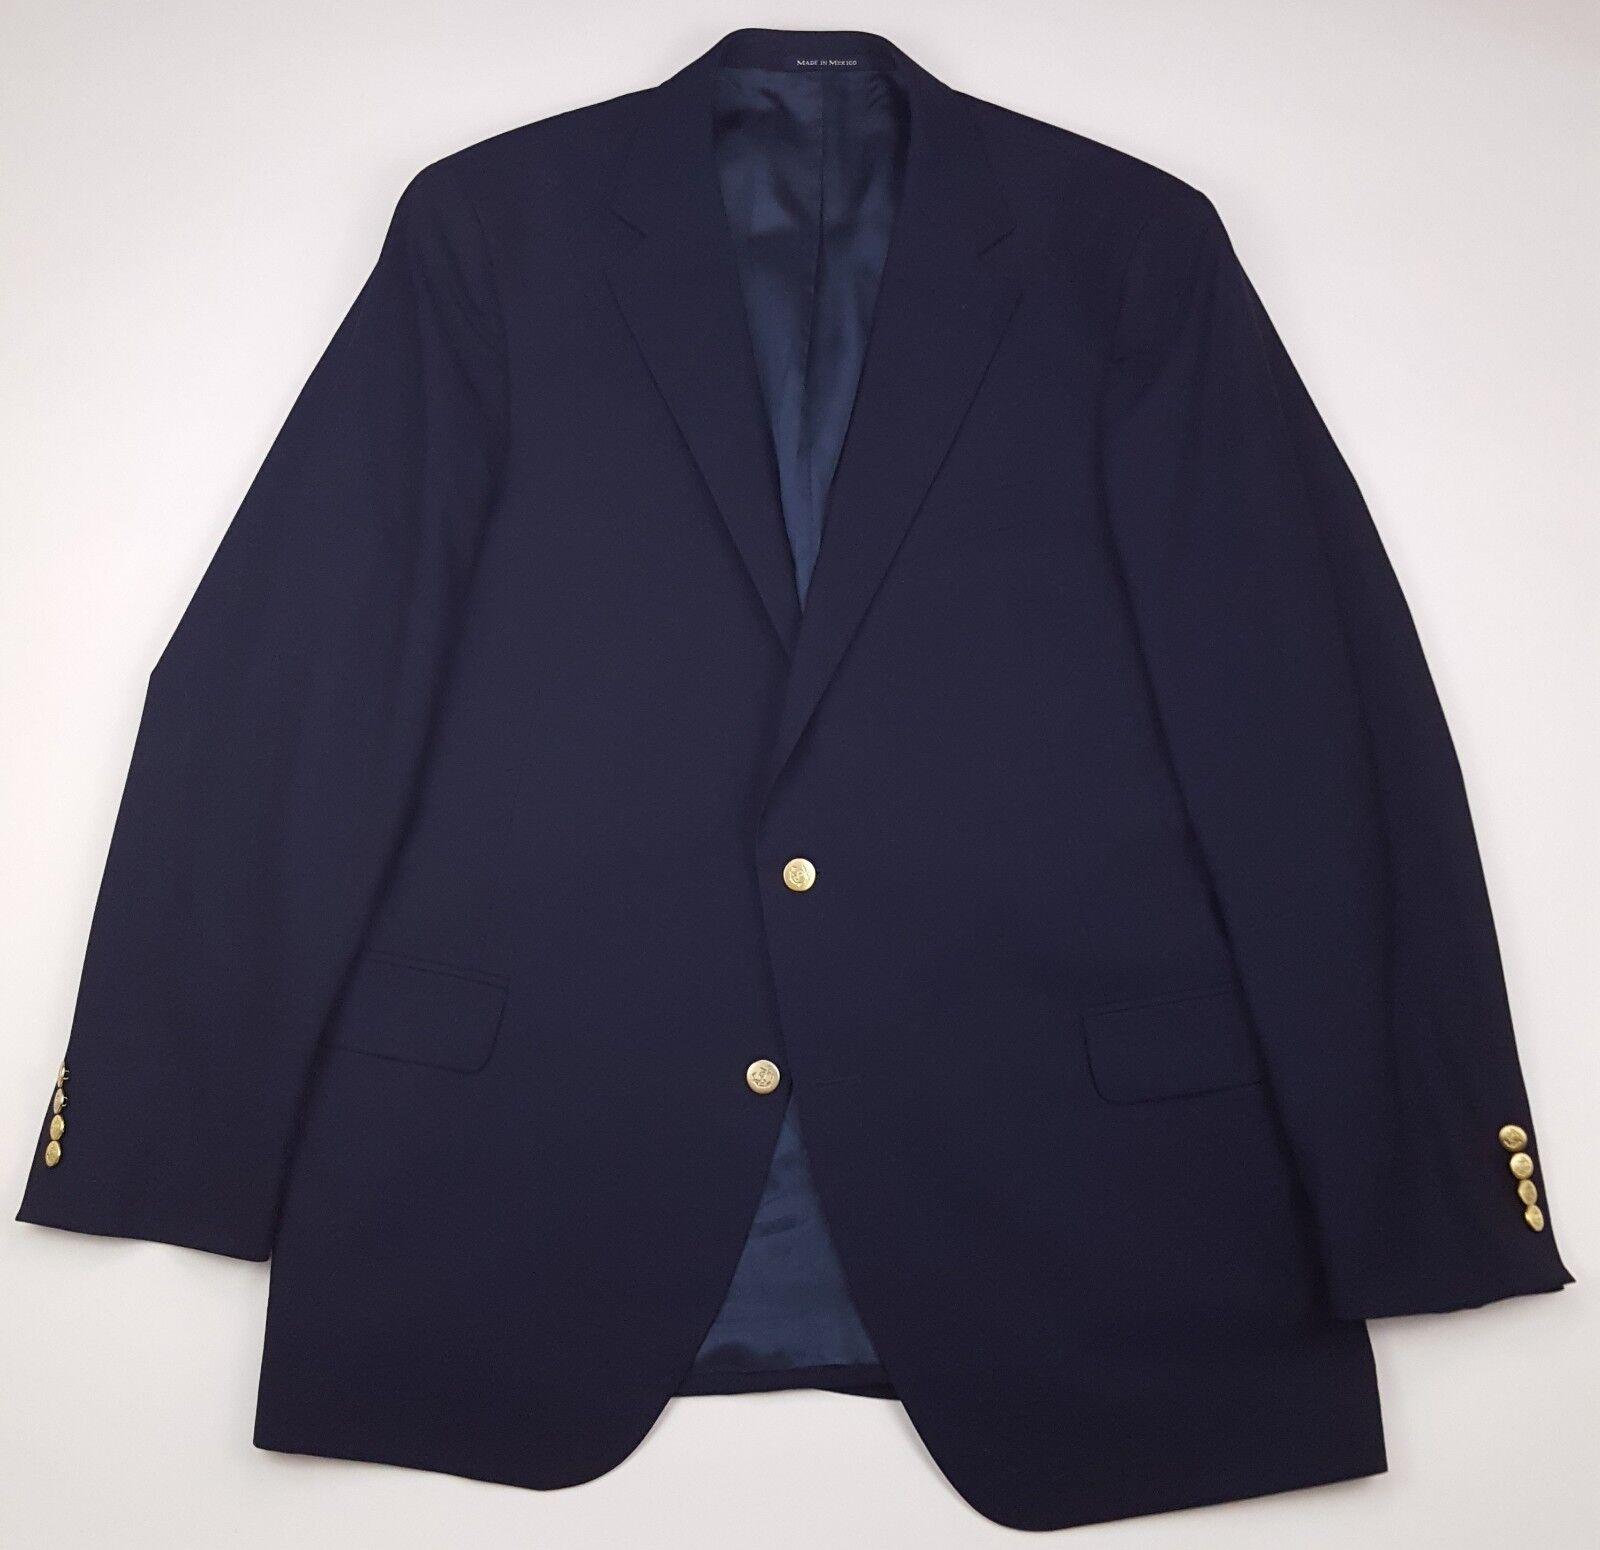 Lands End Blau Blazer 46L Navy Gold Tone Metal Buttons Wool  Herren Größe Vented Man